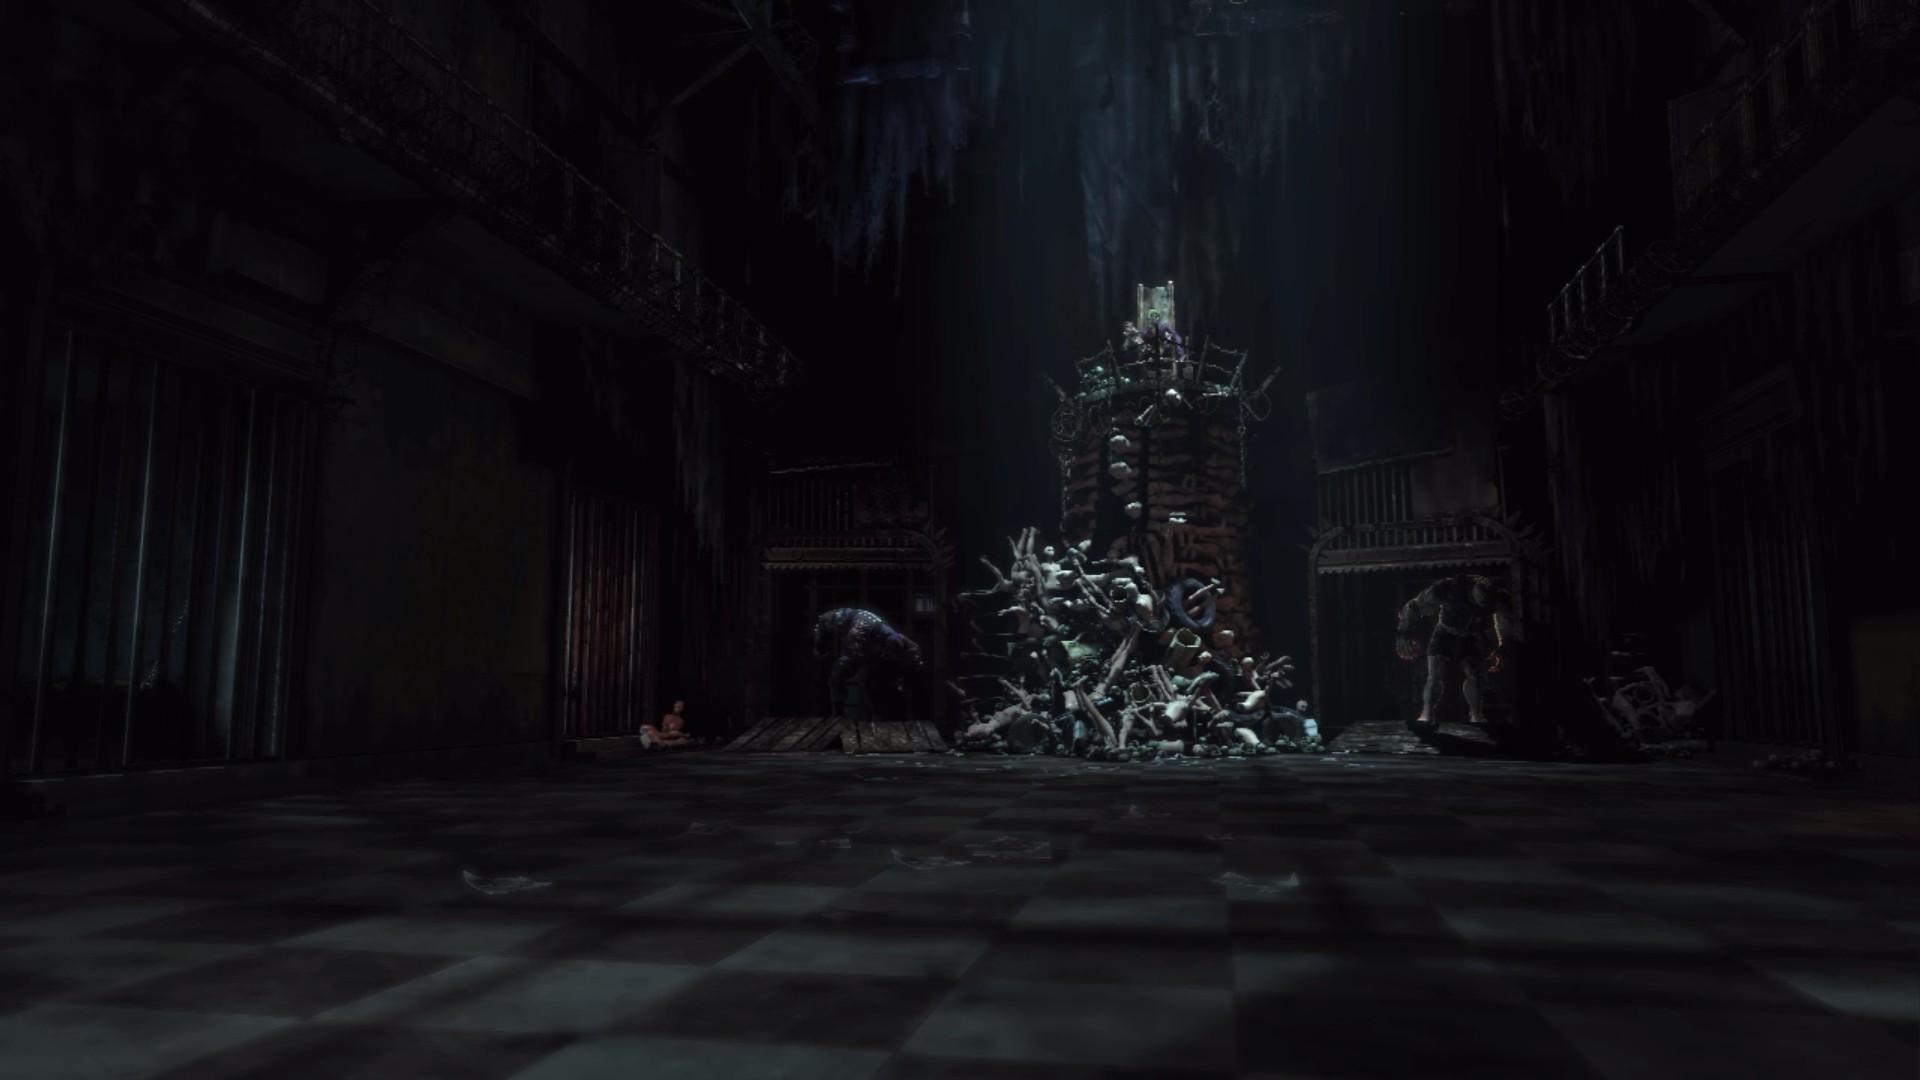 night Batman Joker Batman Arkham Asylum midnight light darkness screenshot 1920x1080 px computer wallpaper